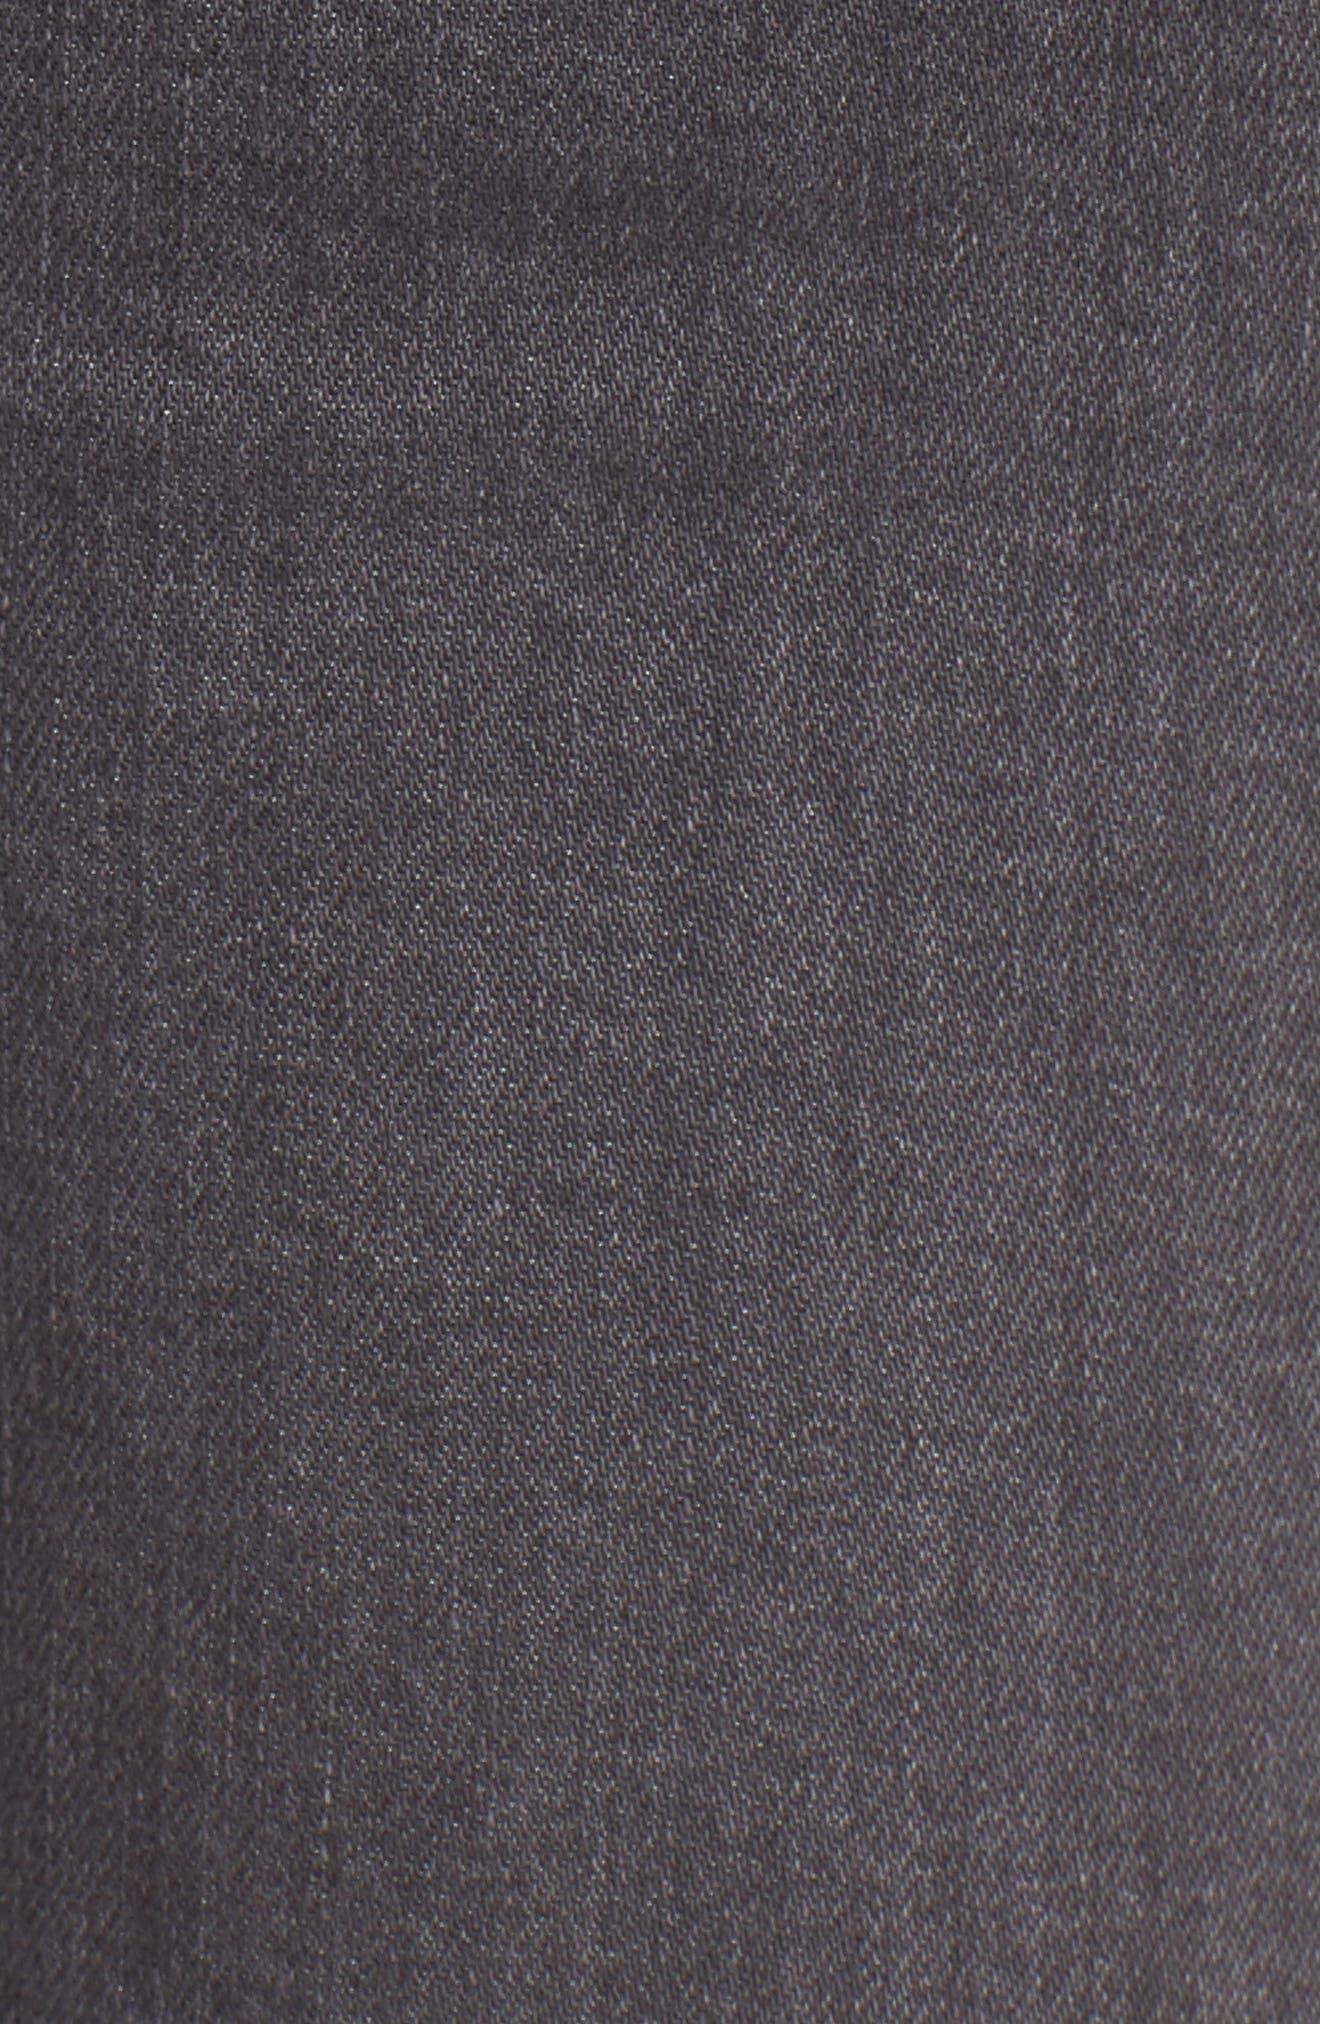 Ava Skinny Jeans,                             Alternate thumbnail 5, color,                             Overcast